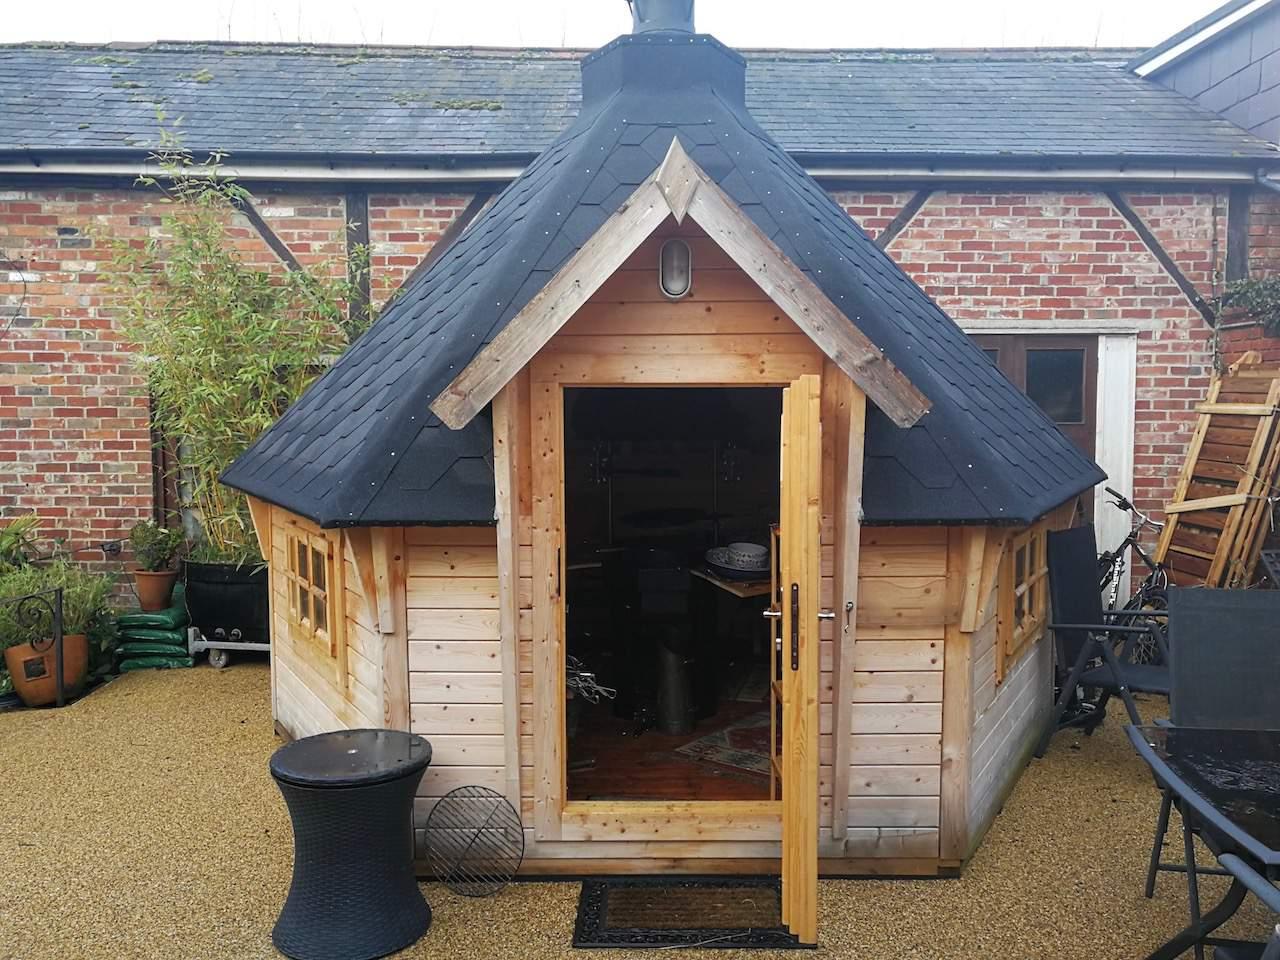 BBQ Hut at La Fosse